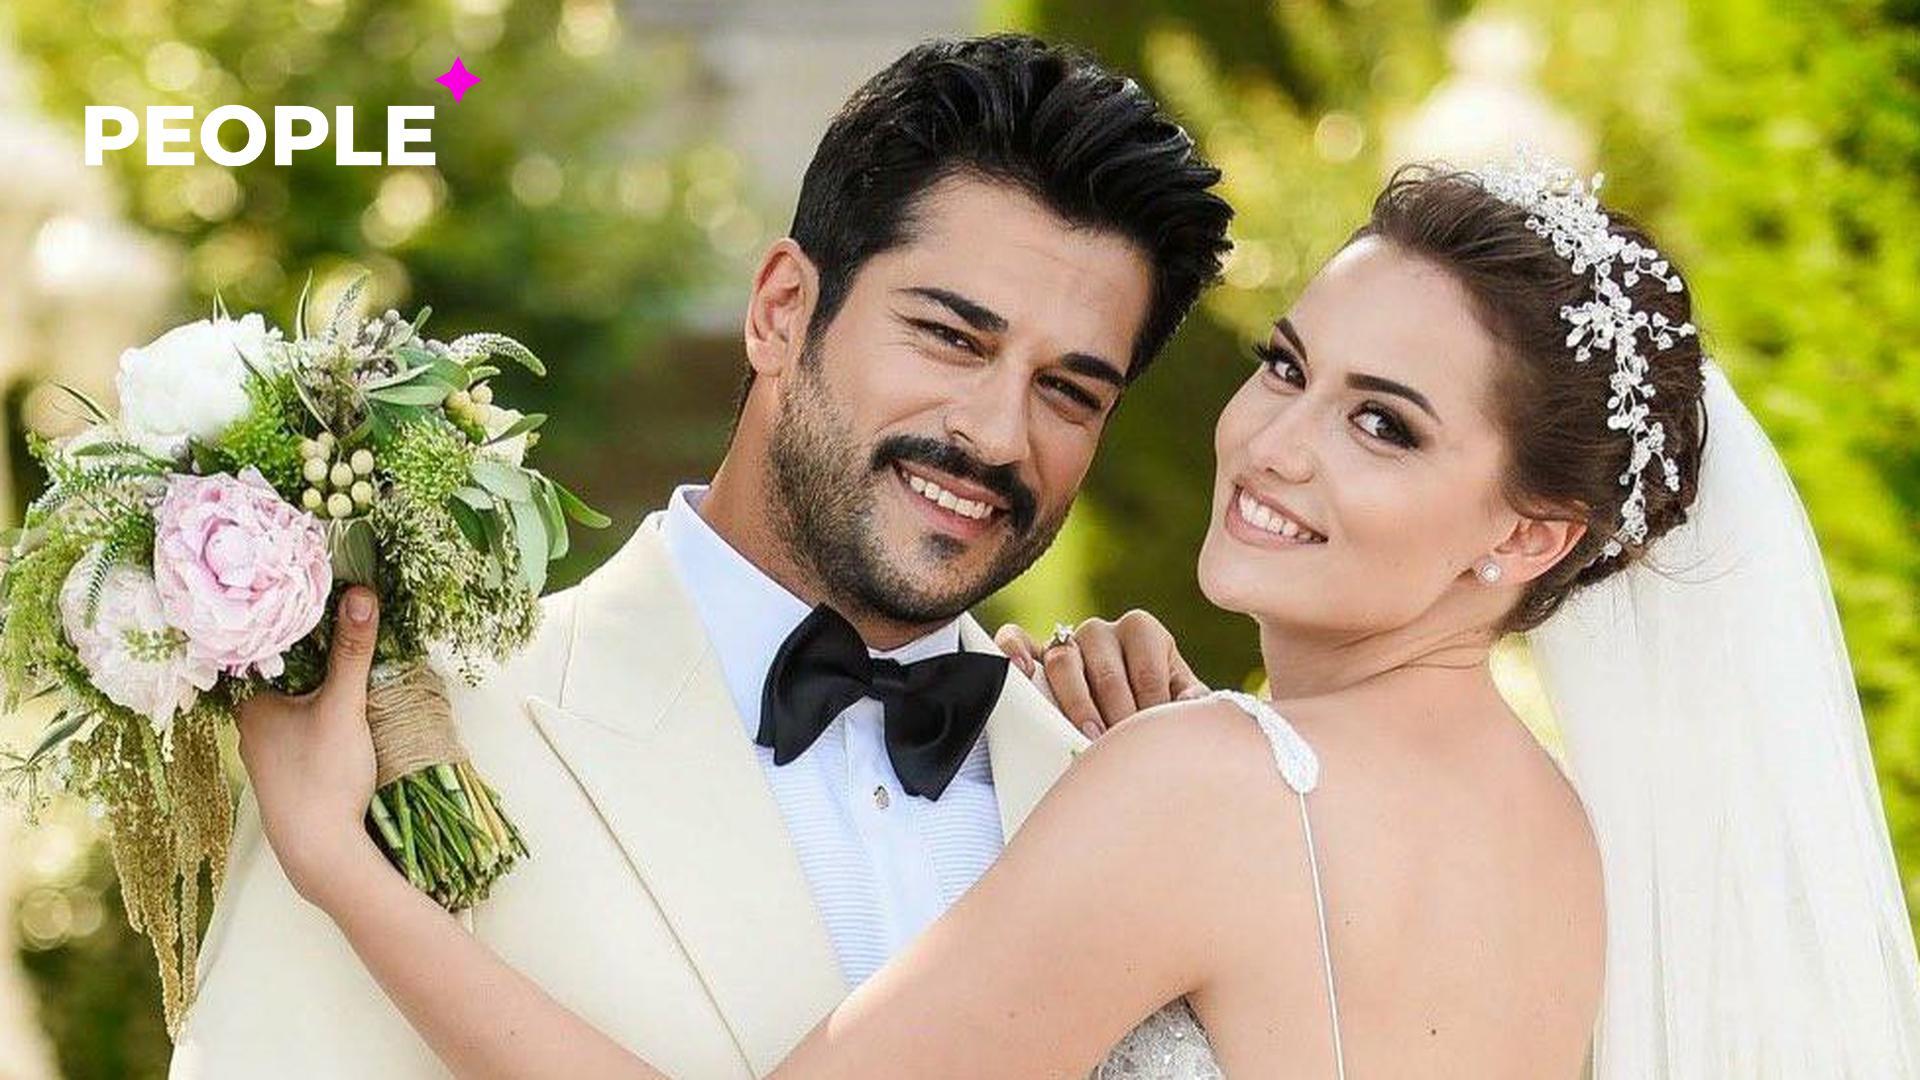 Стало известно, сколько зарабатывает актер Бурак Озчивит и его супруга за один эпизод сериала